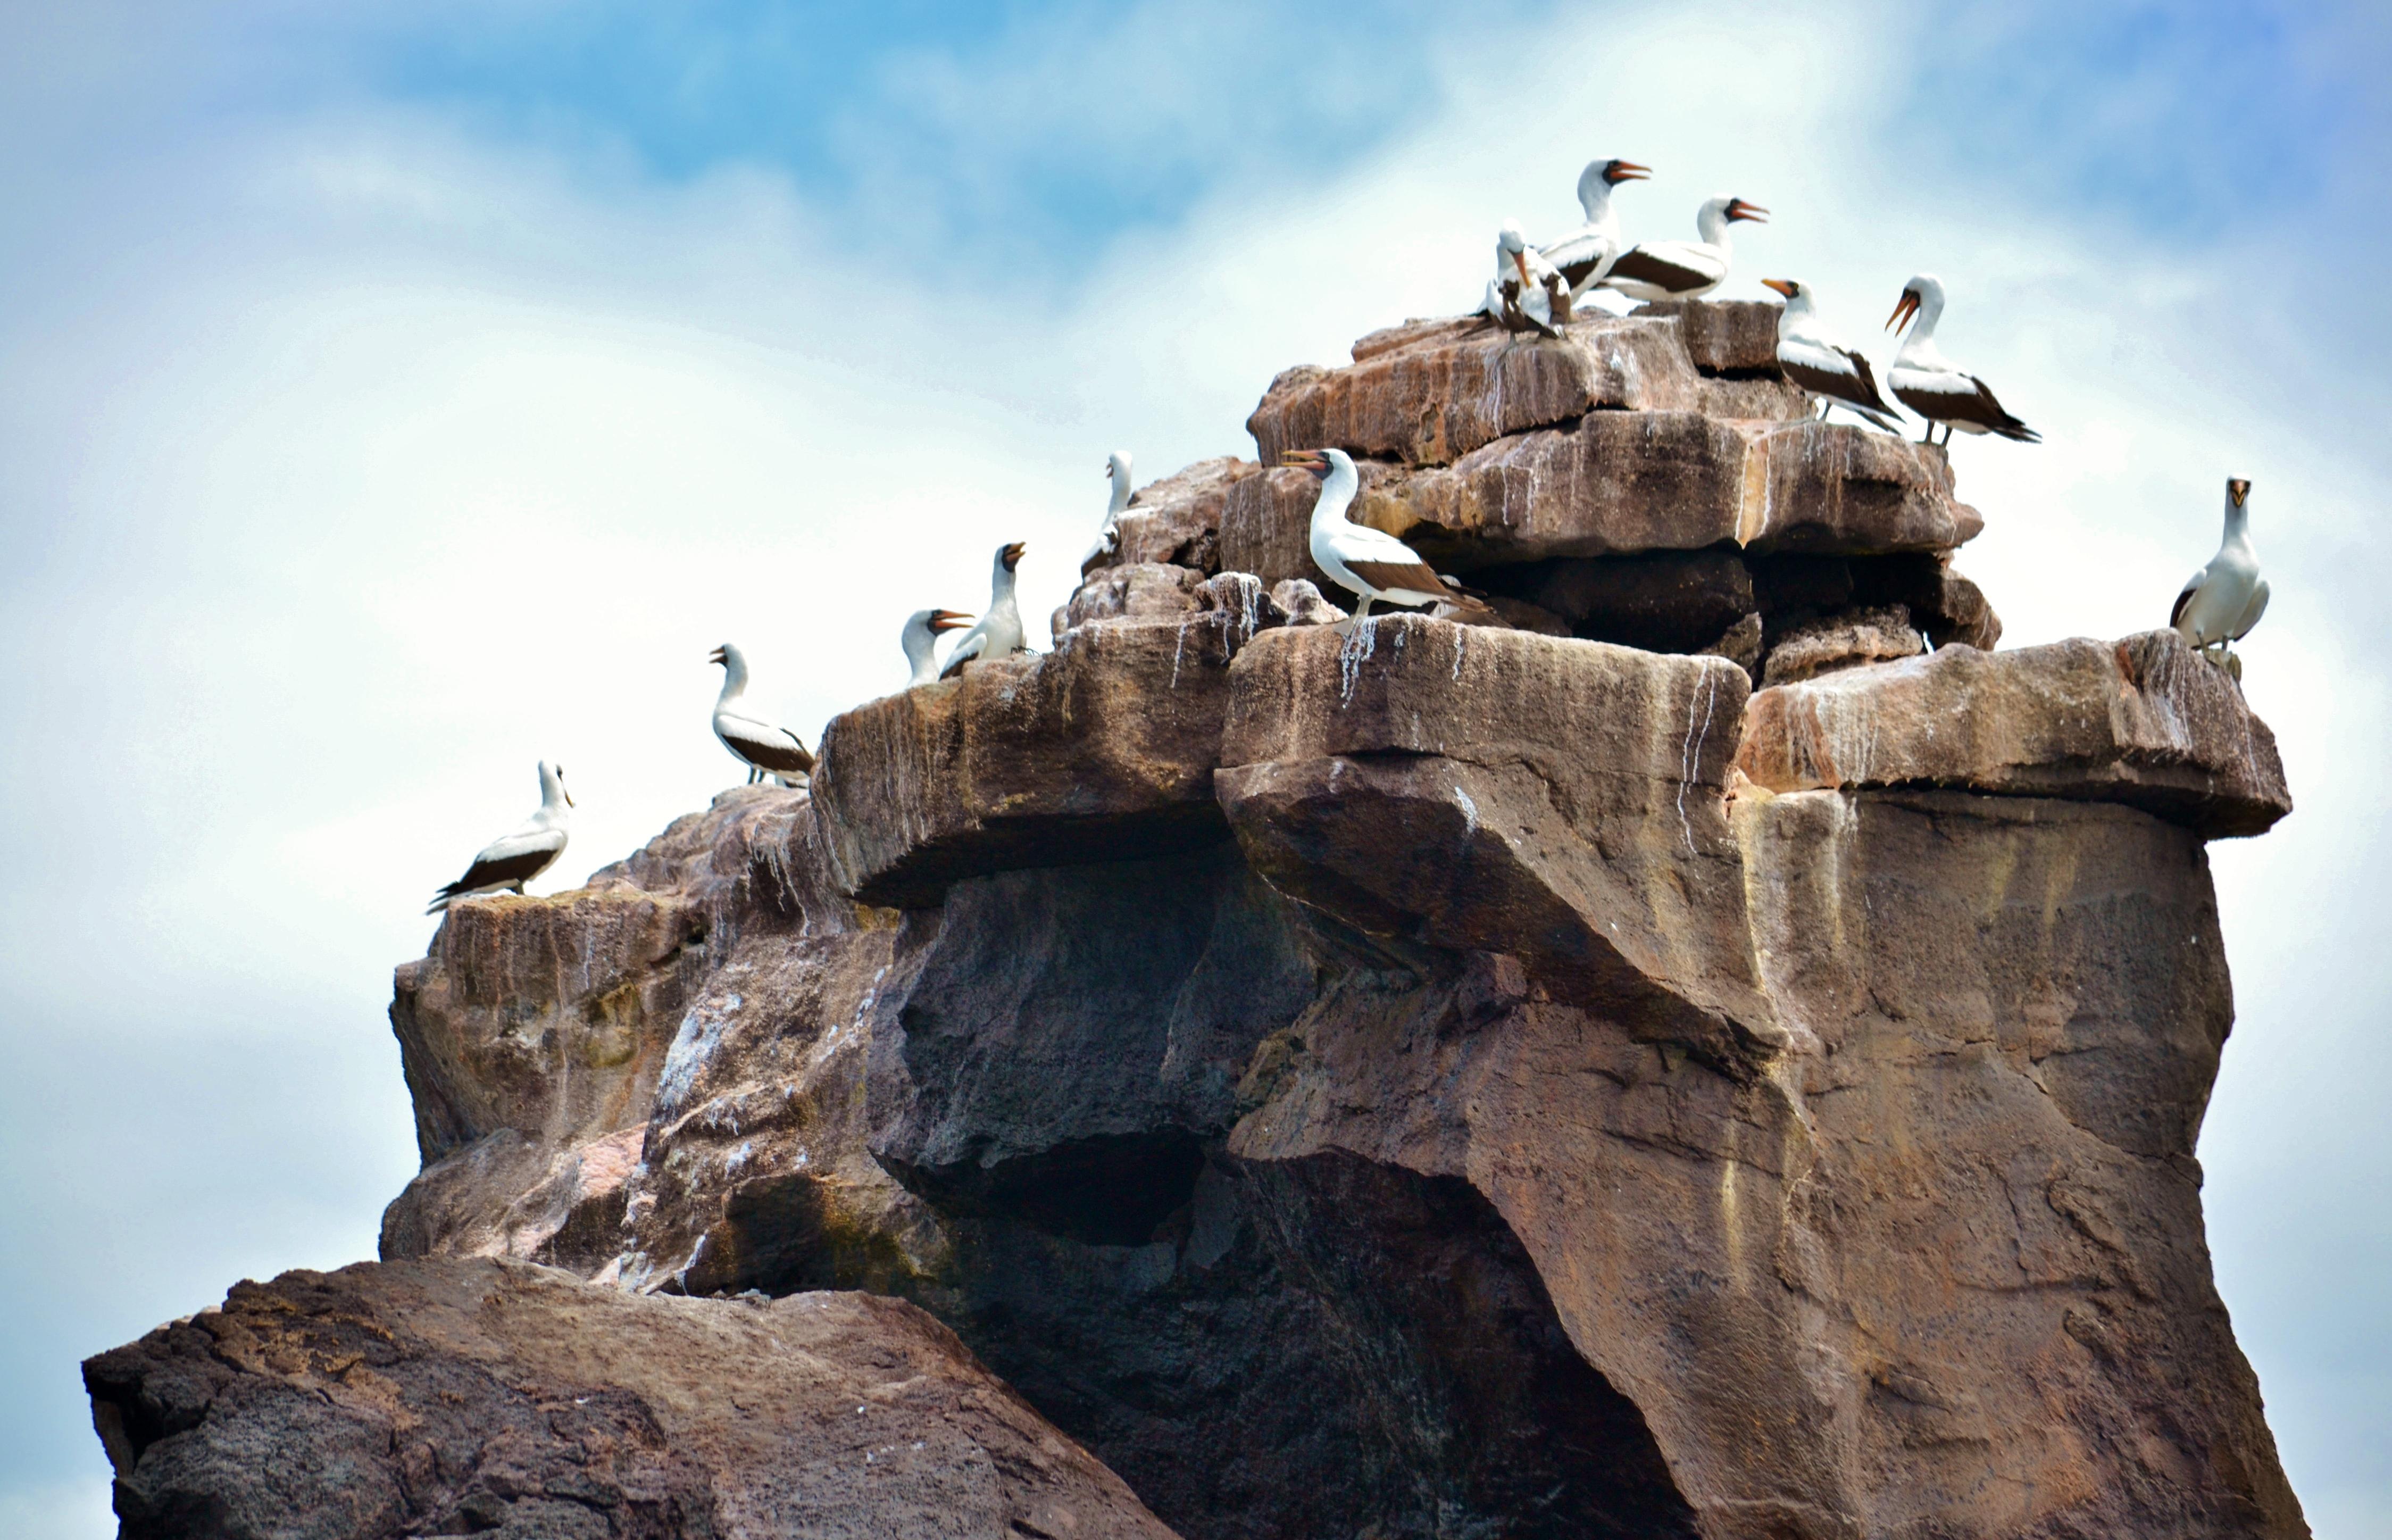 Islas de Galapagos isabela union rock